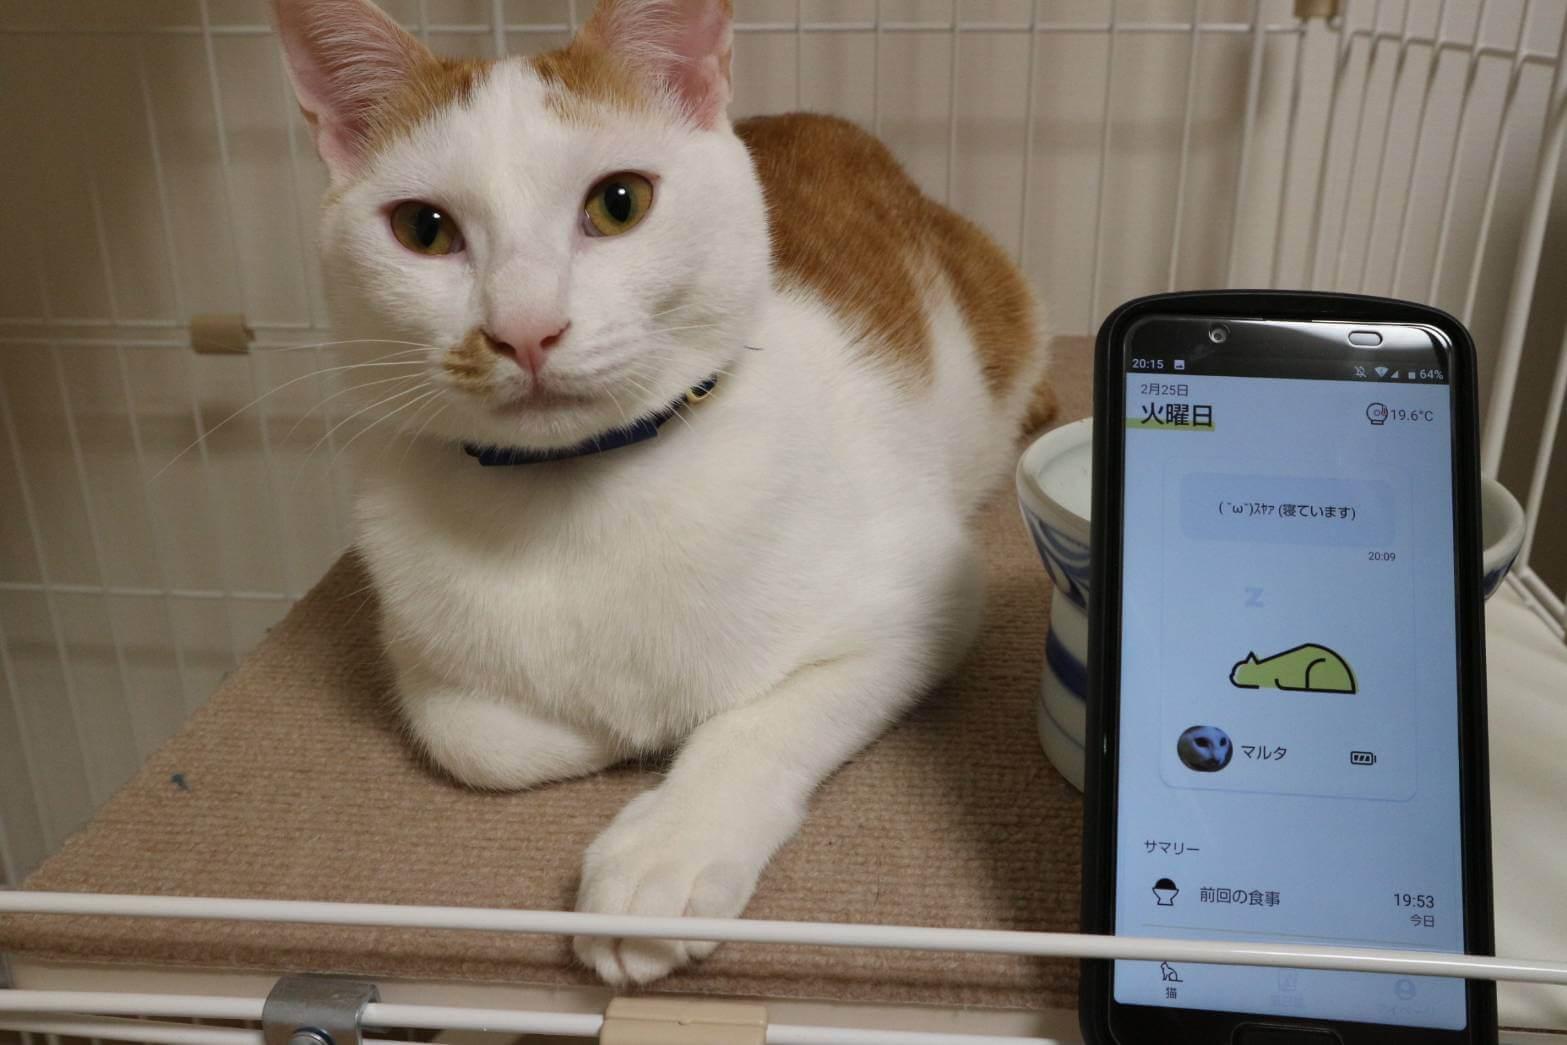 Catlogのある生活を体験!猫様の行動を見守ってみた 実際のCatlogアプリ画面 「現在の状態」にはタイムラグがある